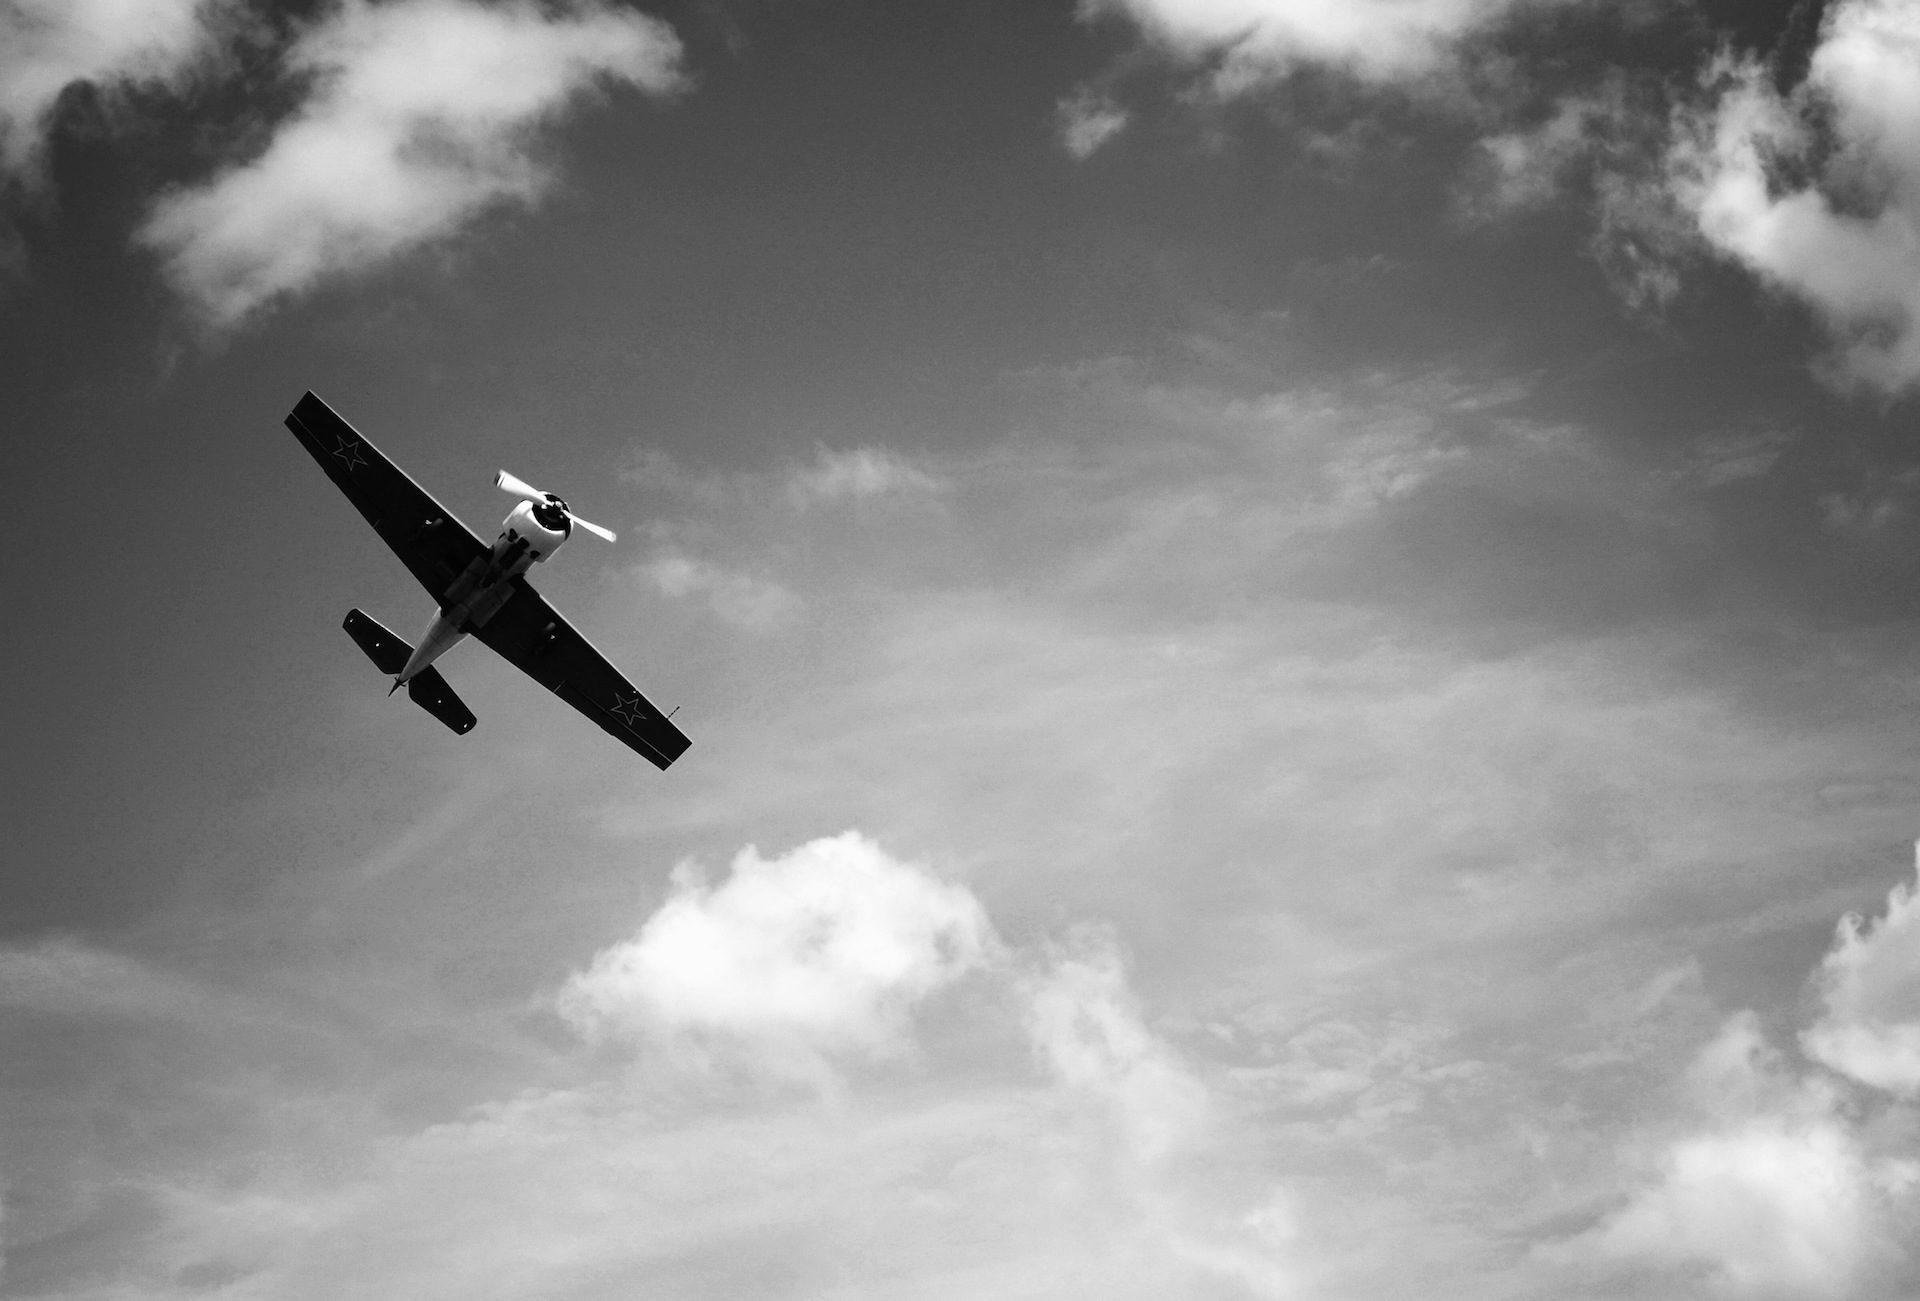 легкий самолет, самолеты, Муха, Небо, в черно-белом - Обои HD - Профессор falken.com